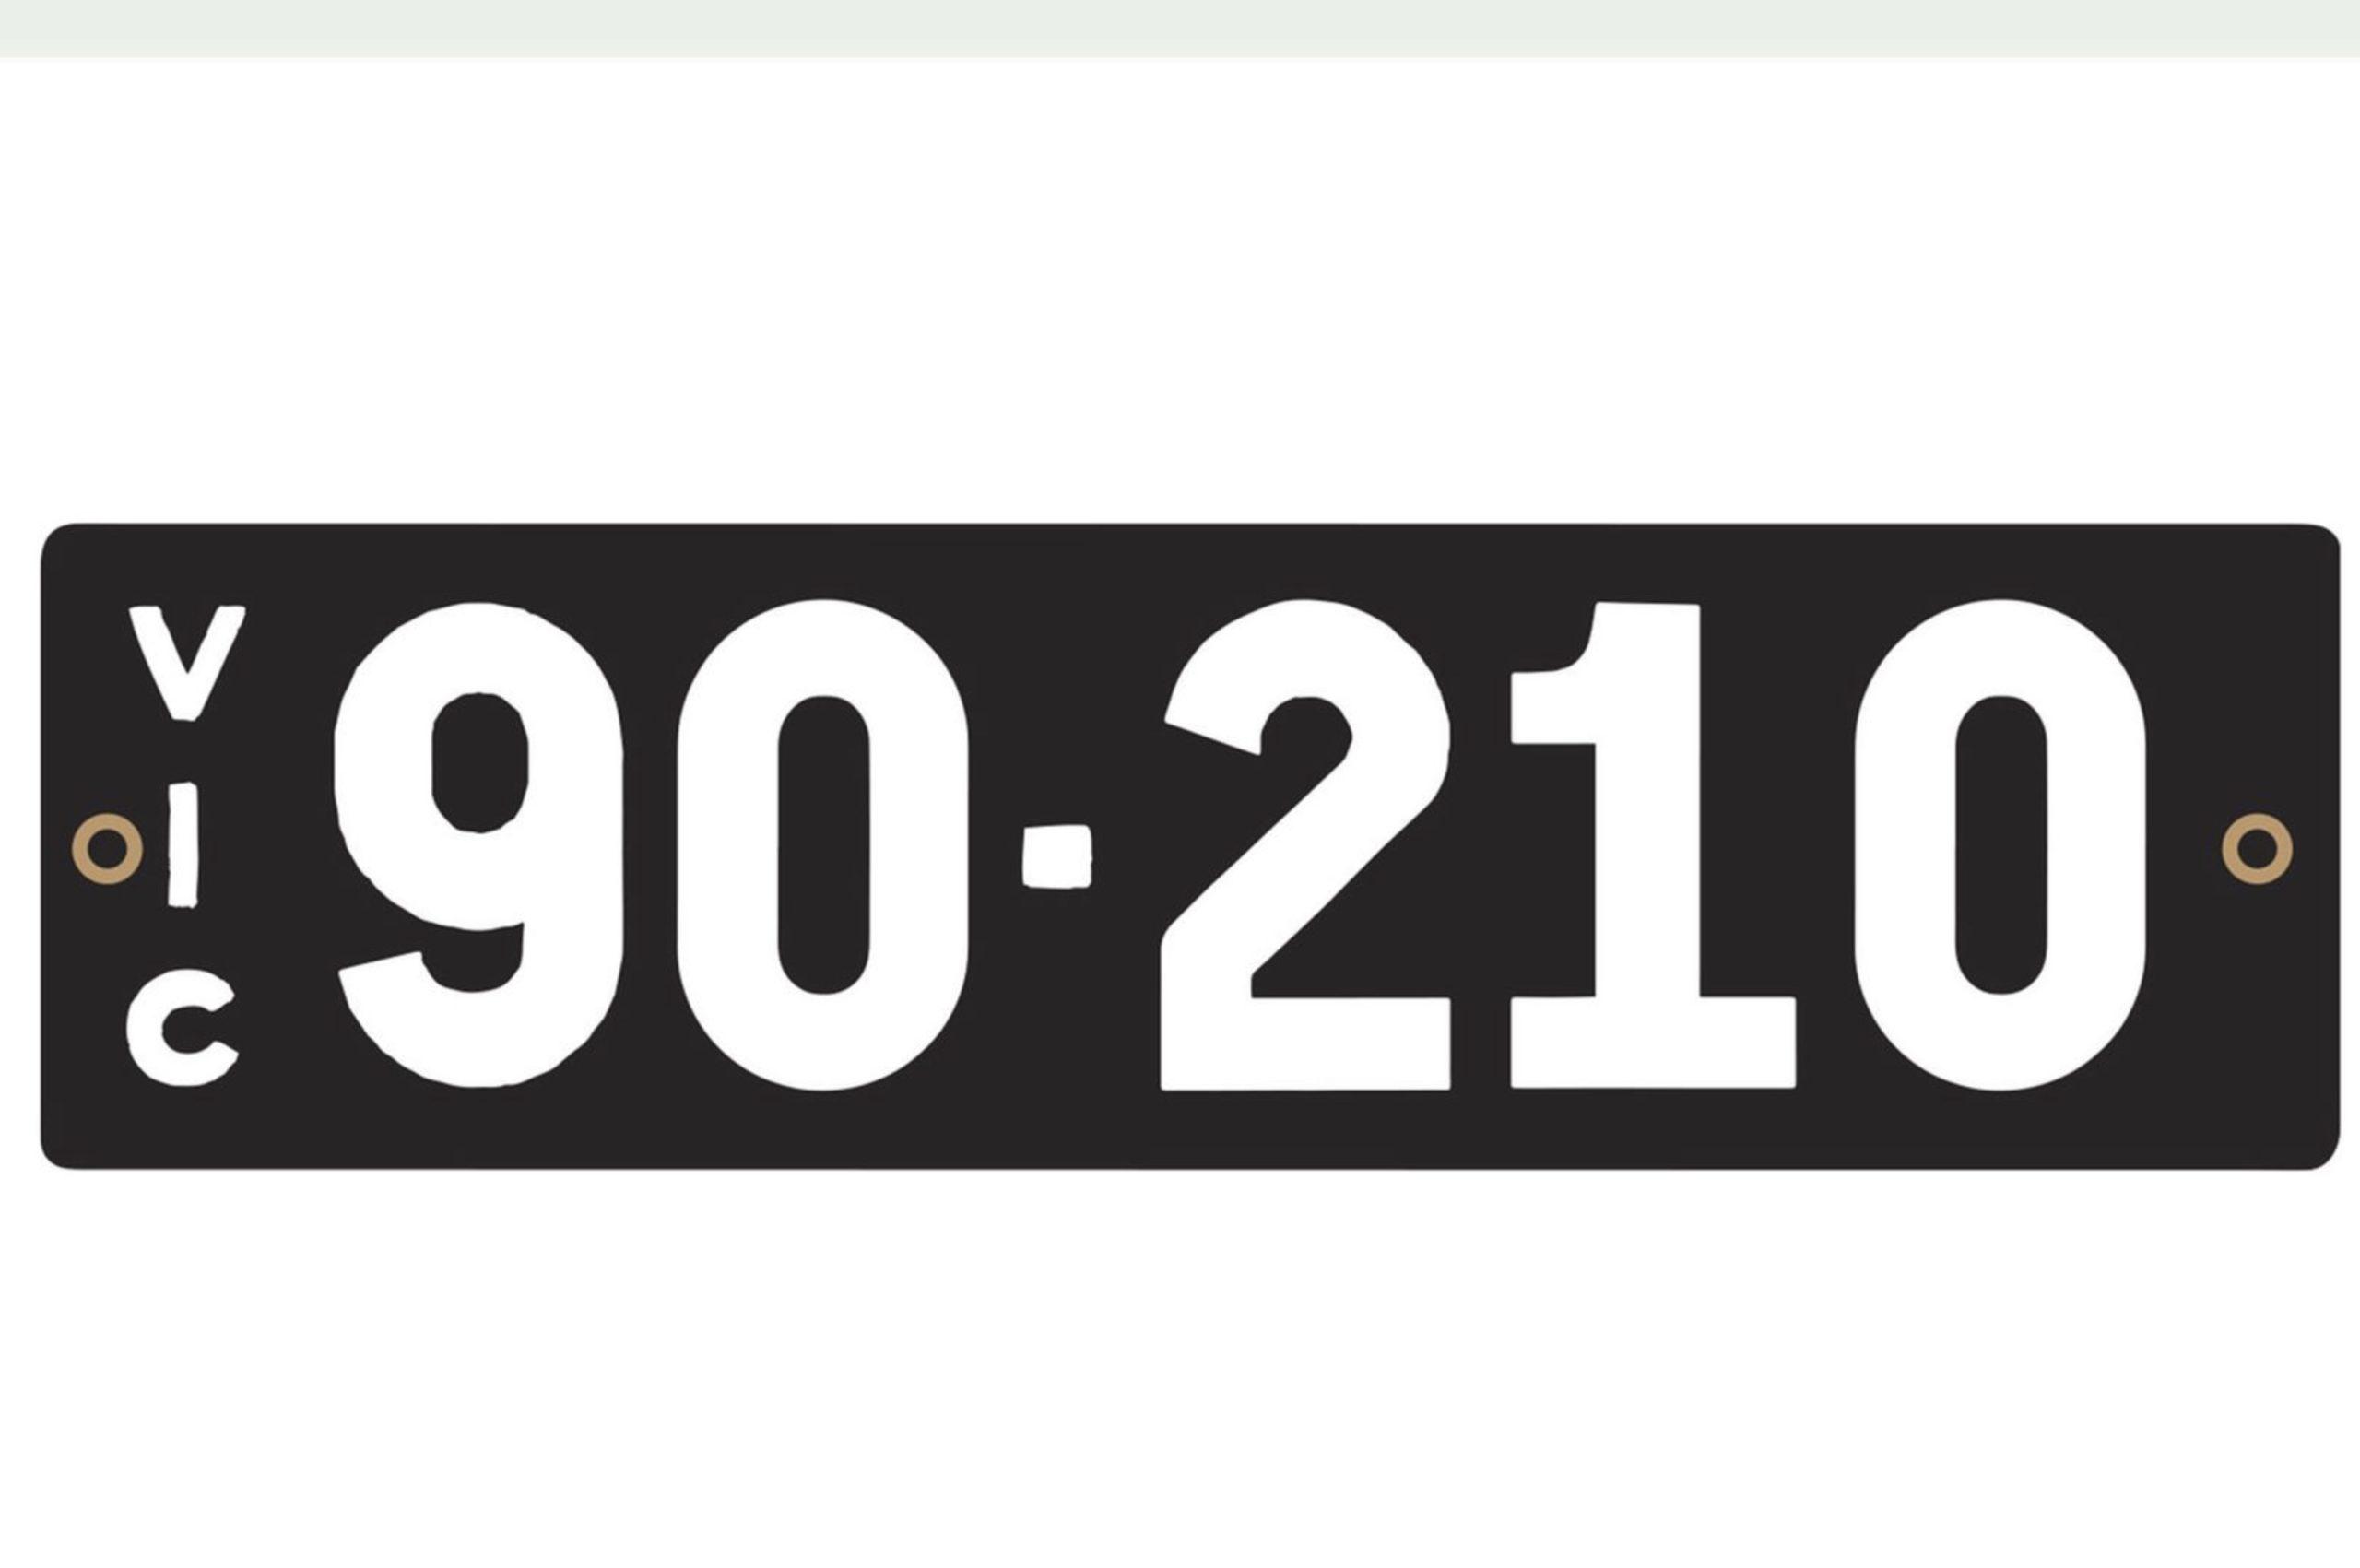 Plaque 90-210 fait référence à la série télévisée Beverly Hills 90210 - VIC et NSW avril 2021.